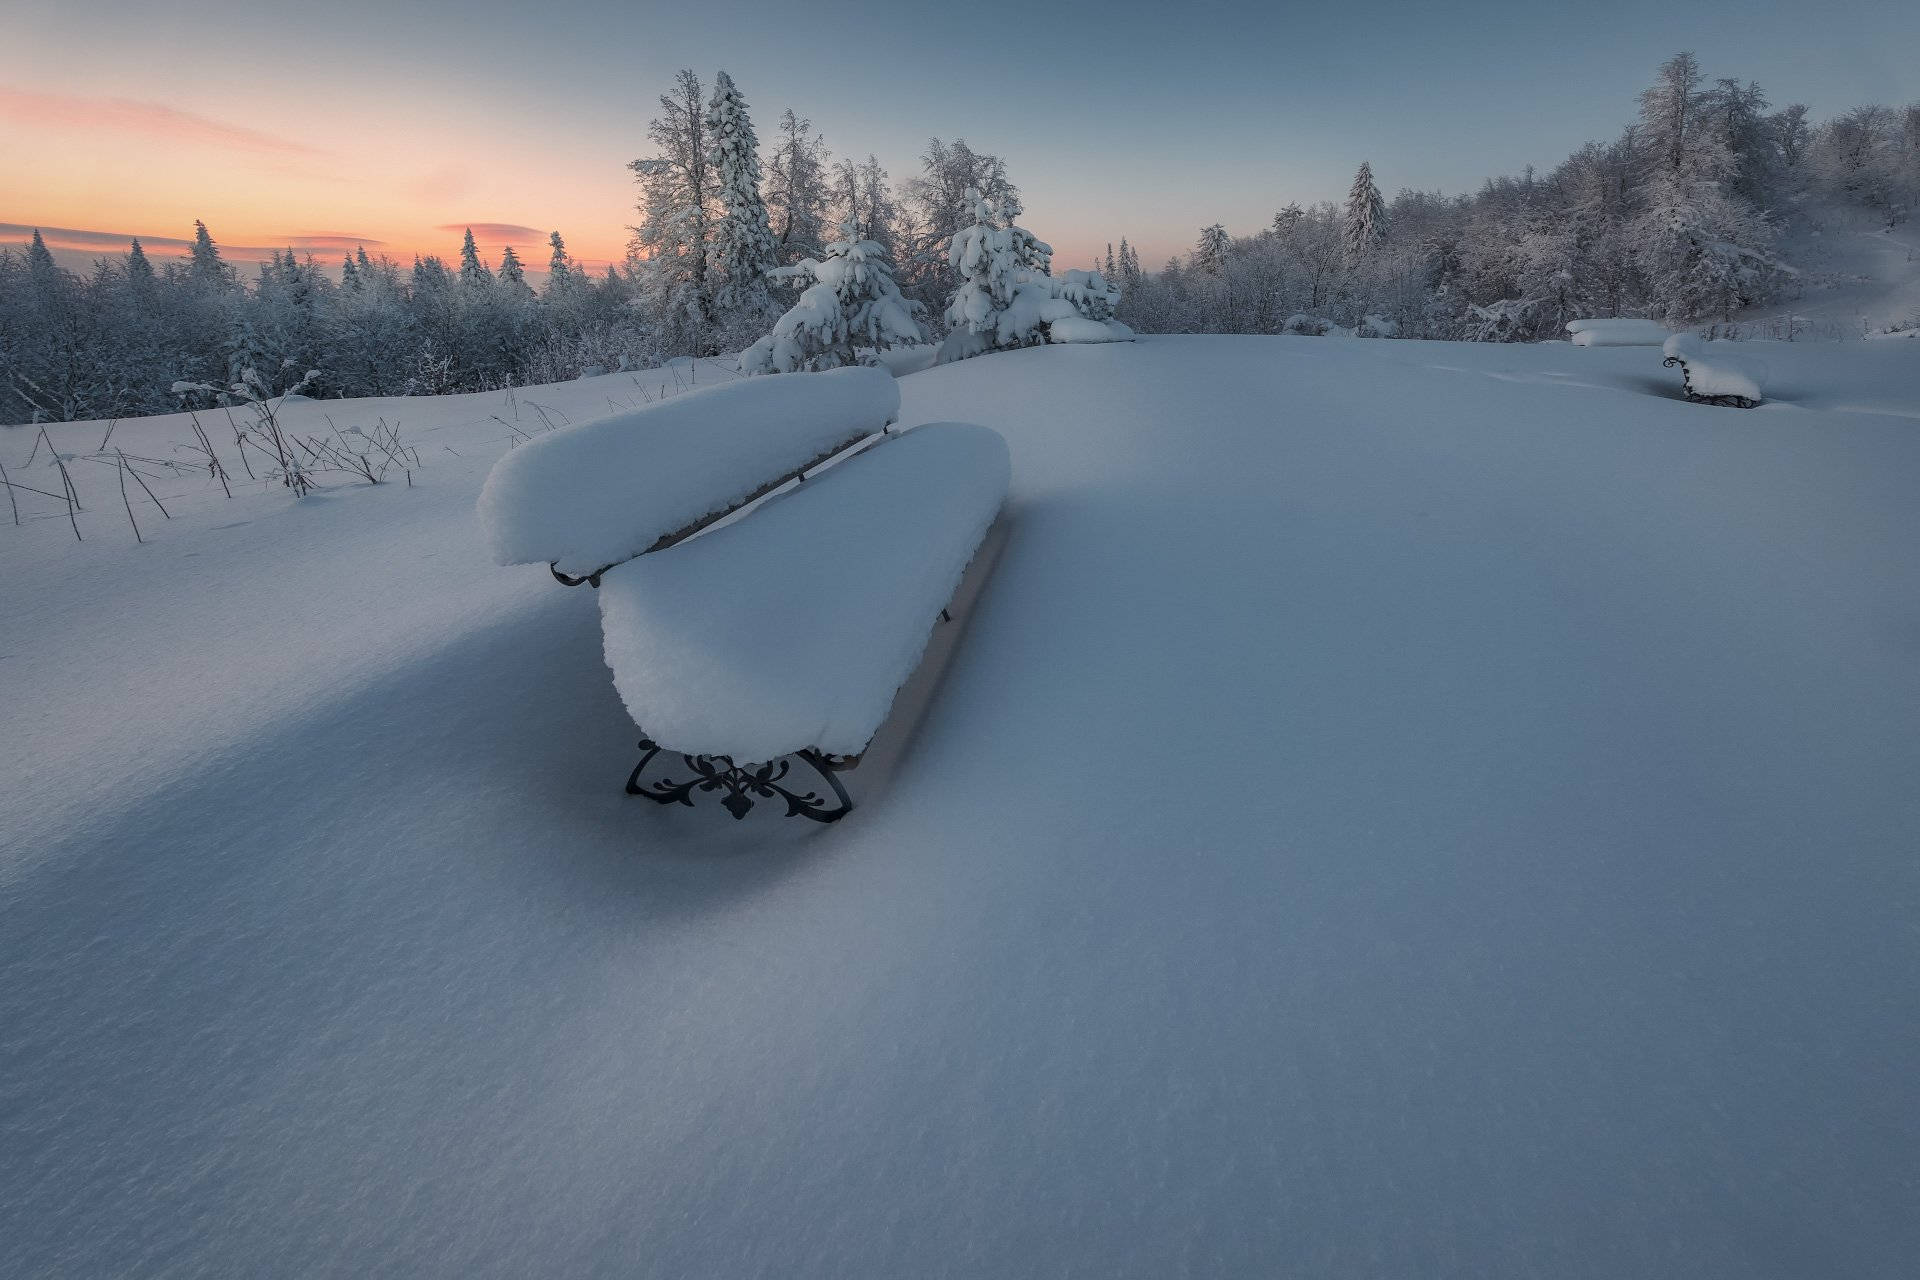 белая гора, лавочка, зима, рождество, снег, мороз, метель, пурга, холод, белый, утро, рассвет, пермь, Андрей Чиж